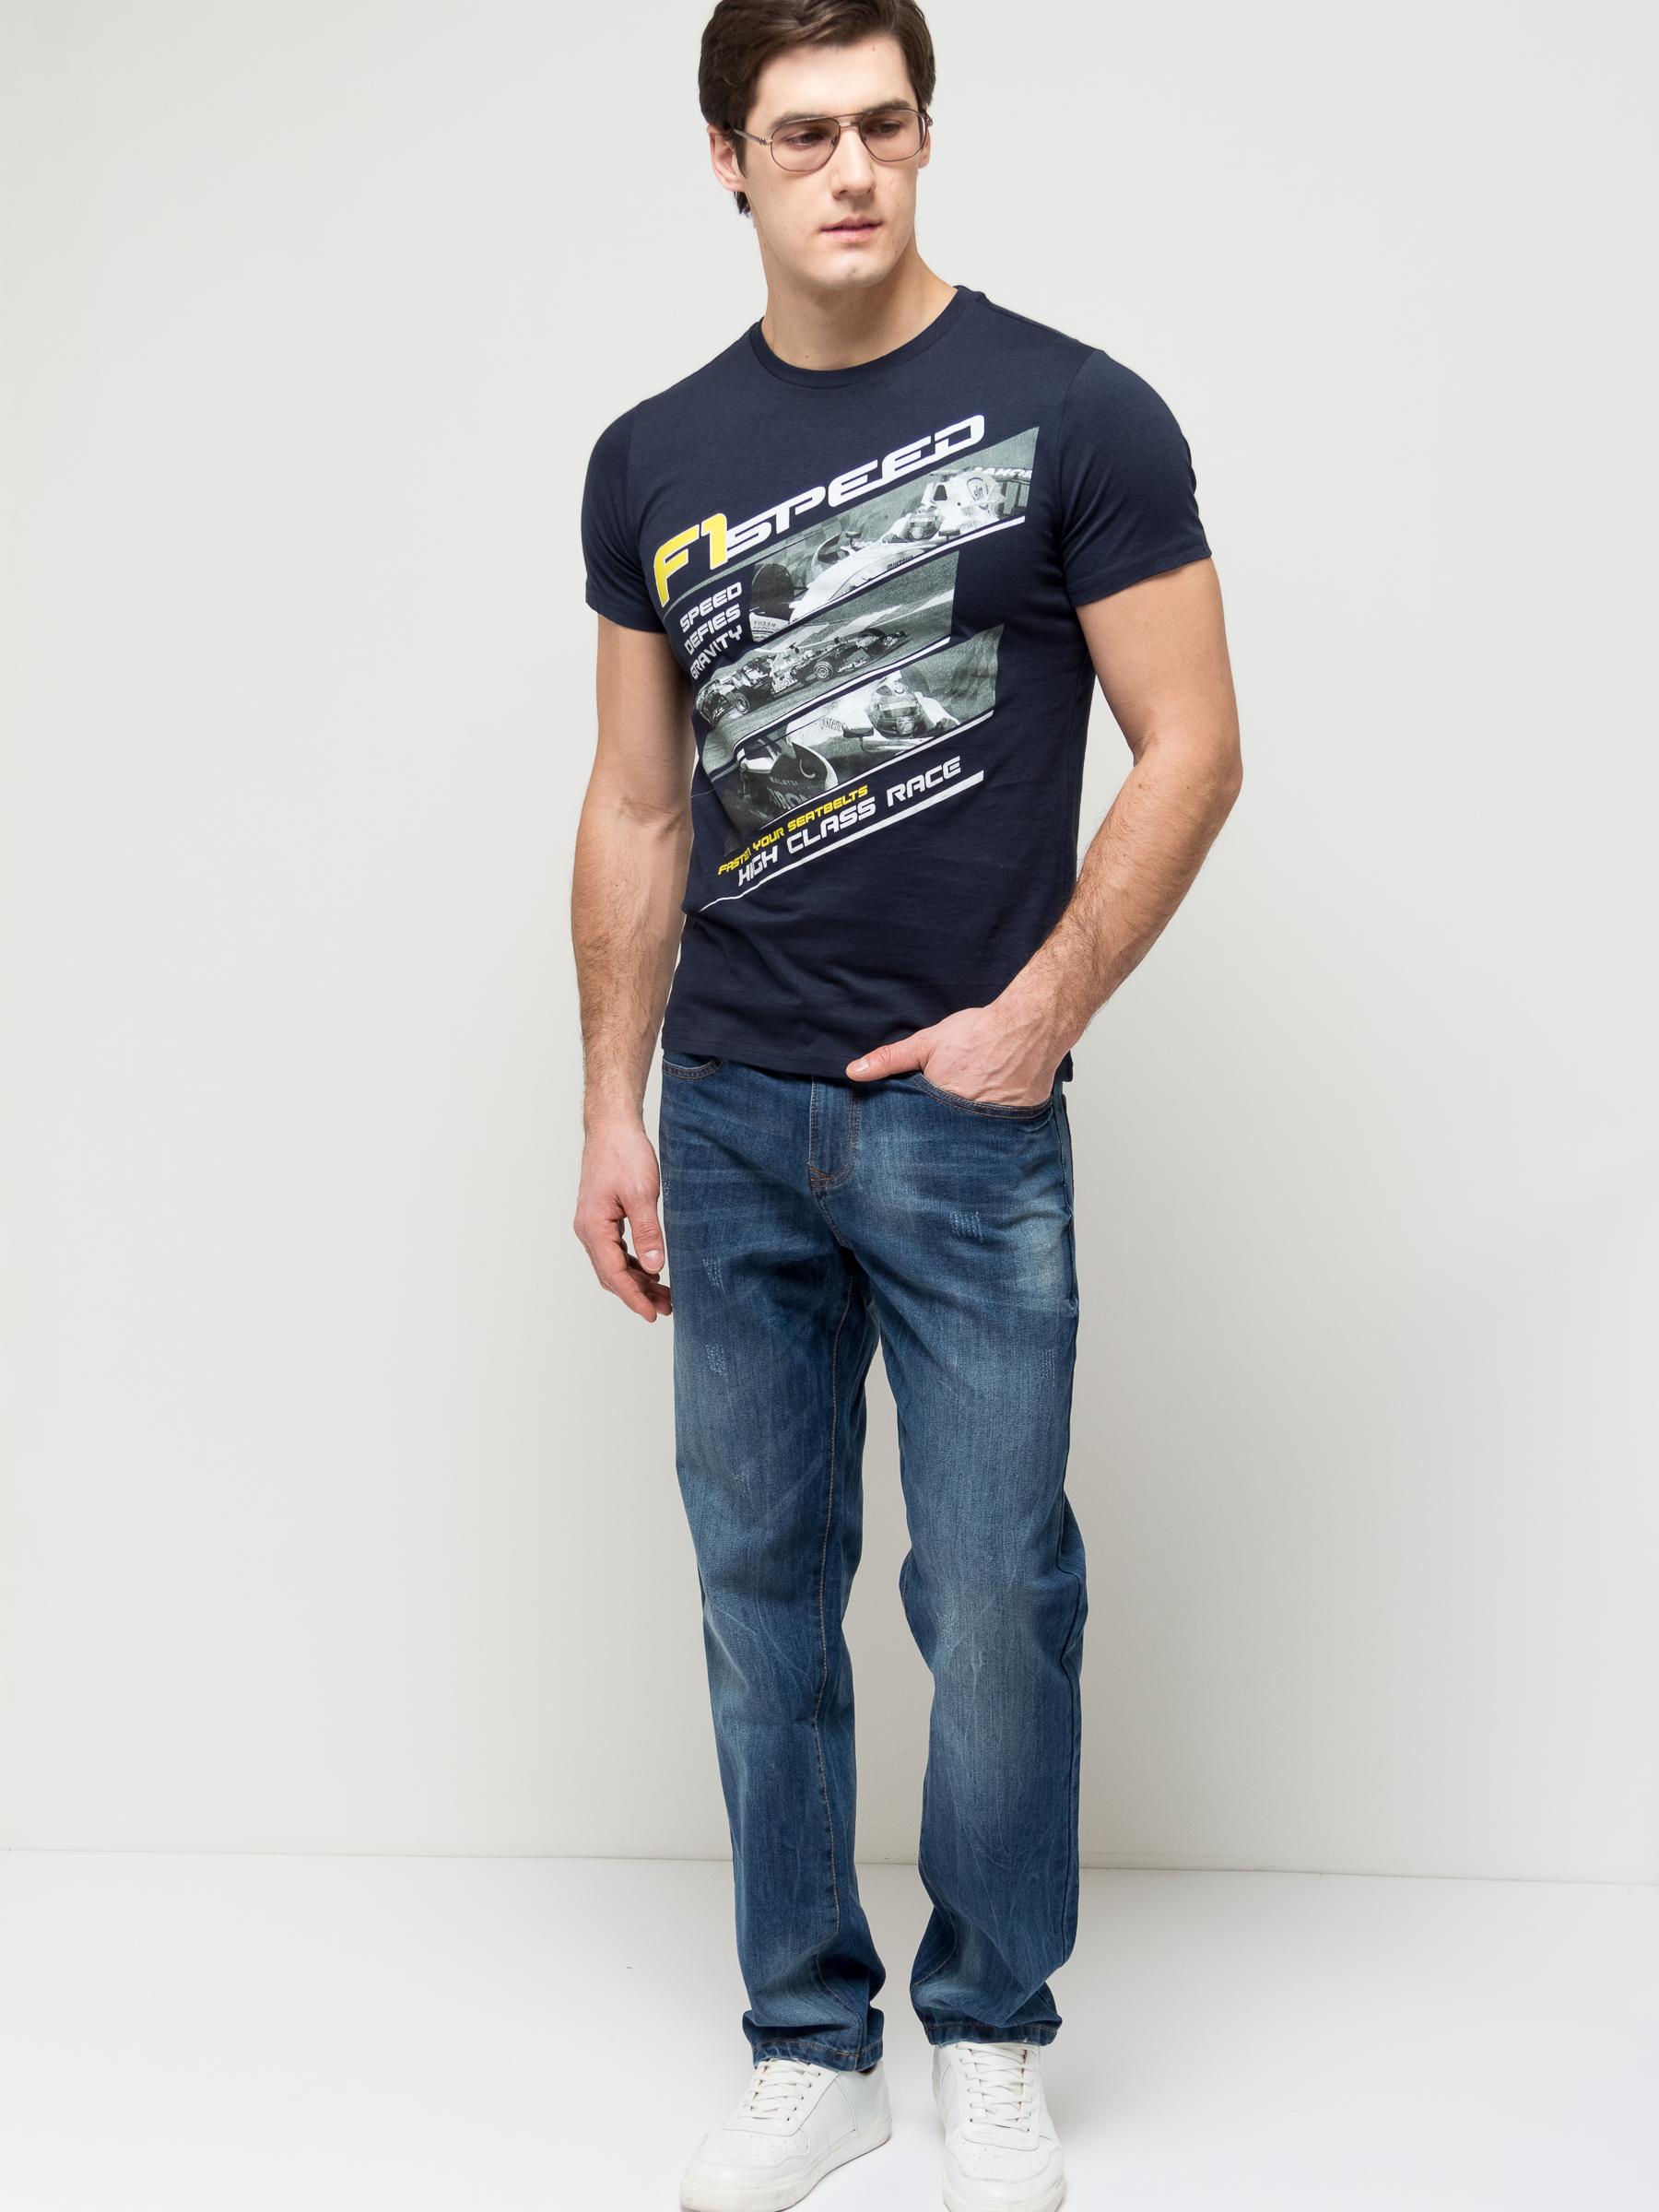 ДжинсыPJ-235/1081-7161Стильные мужские джинсы Sela, изготовленные из качественного хлопкового материала с потертостями, станут отличным дополнением гардероба. Джинсы прямого кроя и стандартной посадки на талии застегиваются на застежку-молнию и пуговицу. На поясе имеются шлевки для ремня. Модель представляет собой классическую пятикарманку: два втачных и накладной карманы спереди и два накладных кармана сзади.